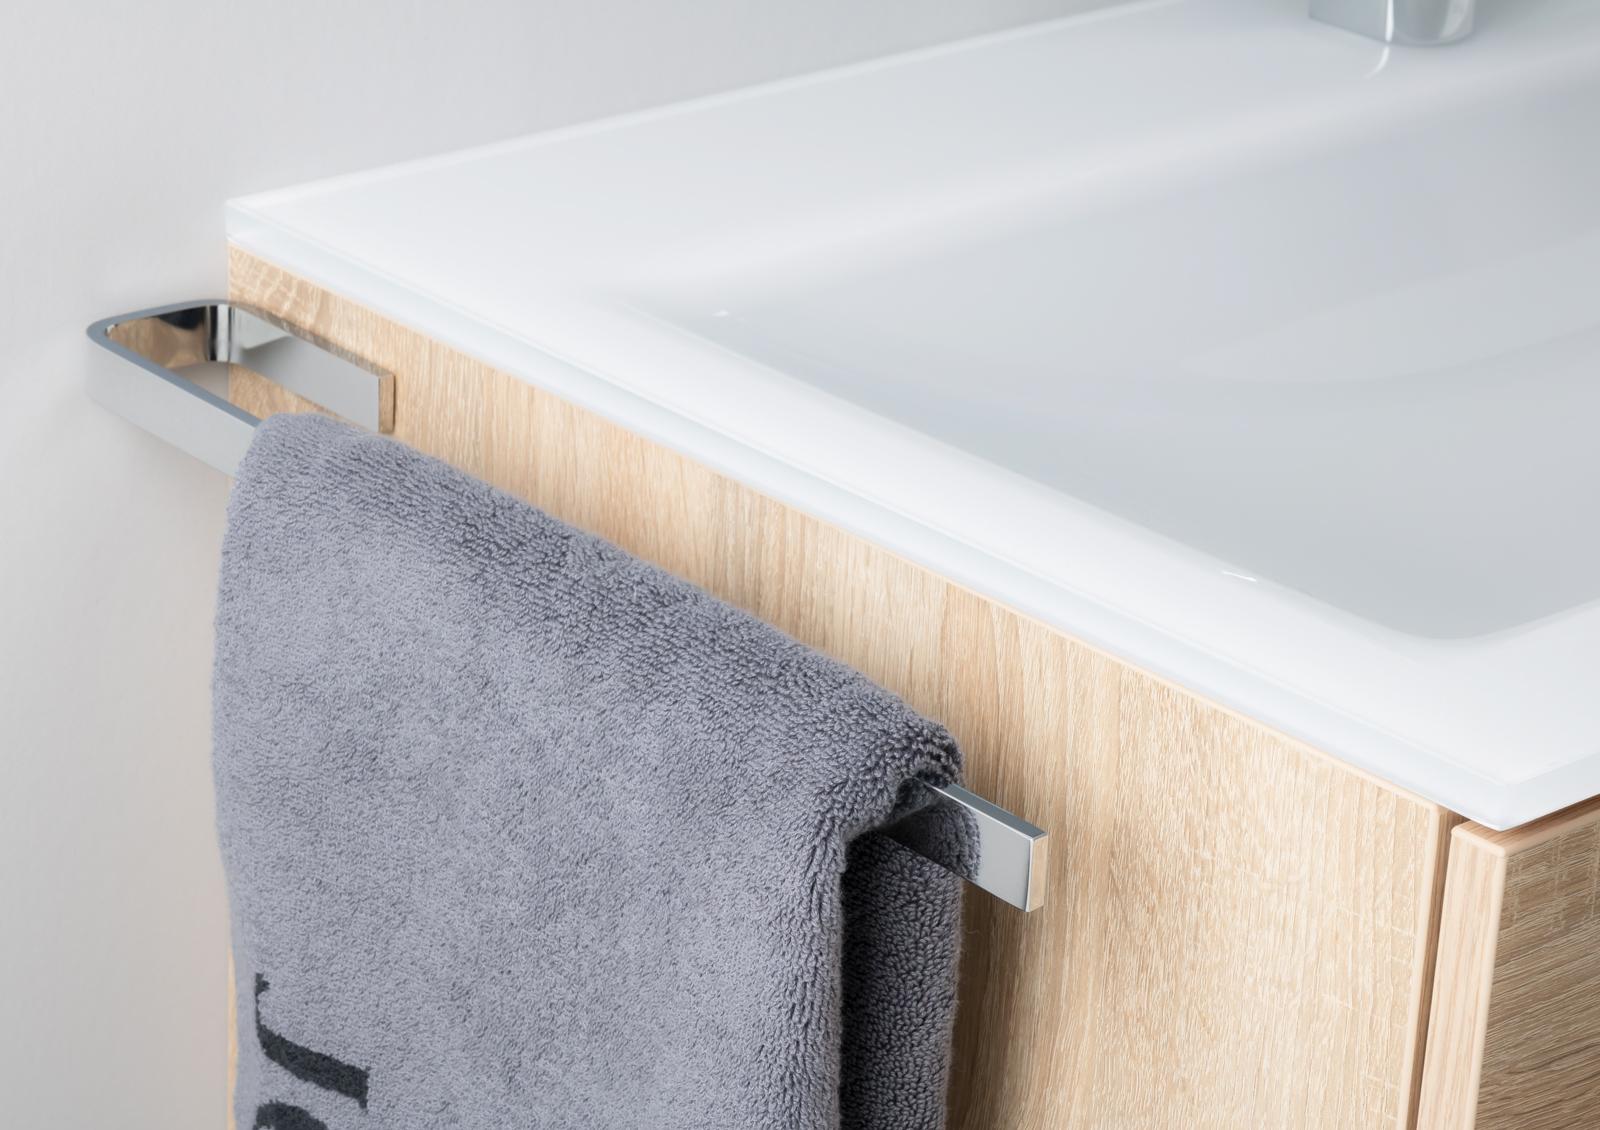 handtuchhalter bad chrom design handtuchstange bad accessoires. Black Bedroom Furniture Sets. Home Design Ideas